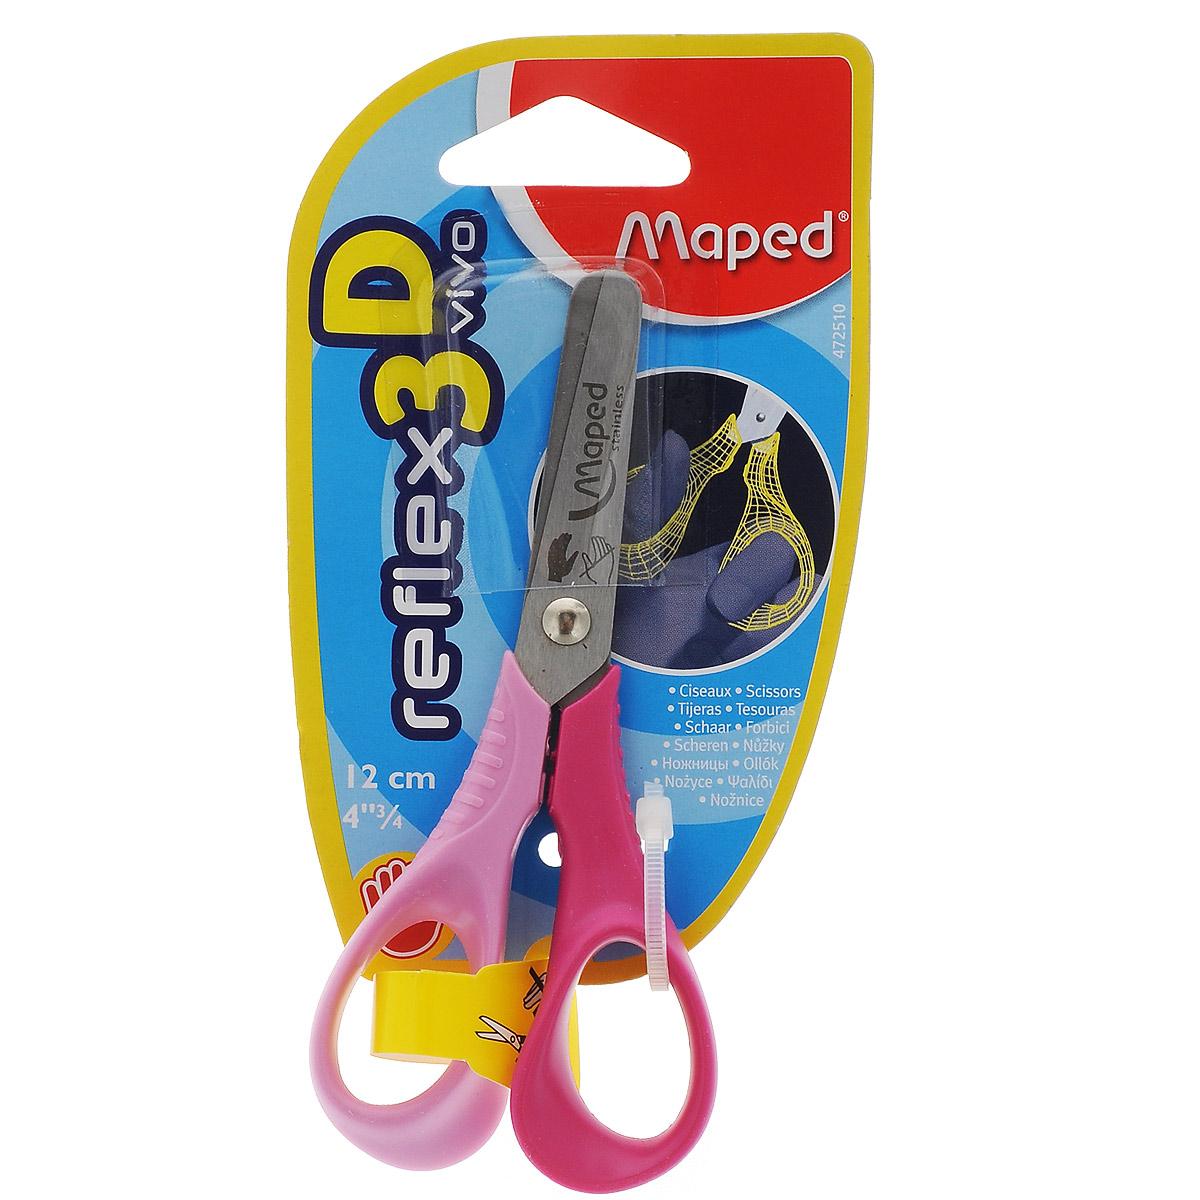 Ножницы Maped Vivo, для левшей, 12 см, цвет: розовый, малиновый472510_розовый, малиновыйНожницы Maped Vivo полностью адаптированы специально для левшей. Идеальны для обучения детей обращению с ножницами: тупые концы, небольшой размер. Ножницы оснащены эргономичными кольцами для лучшего обхвата специально для детских рук. Рекомендовано детям старше пяти лет.